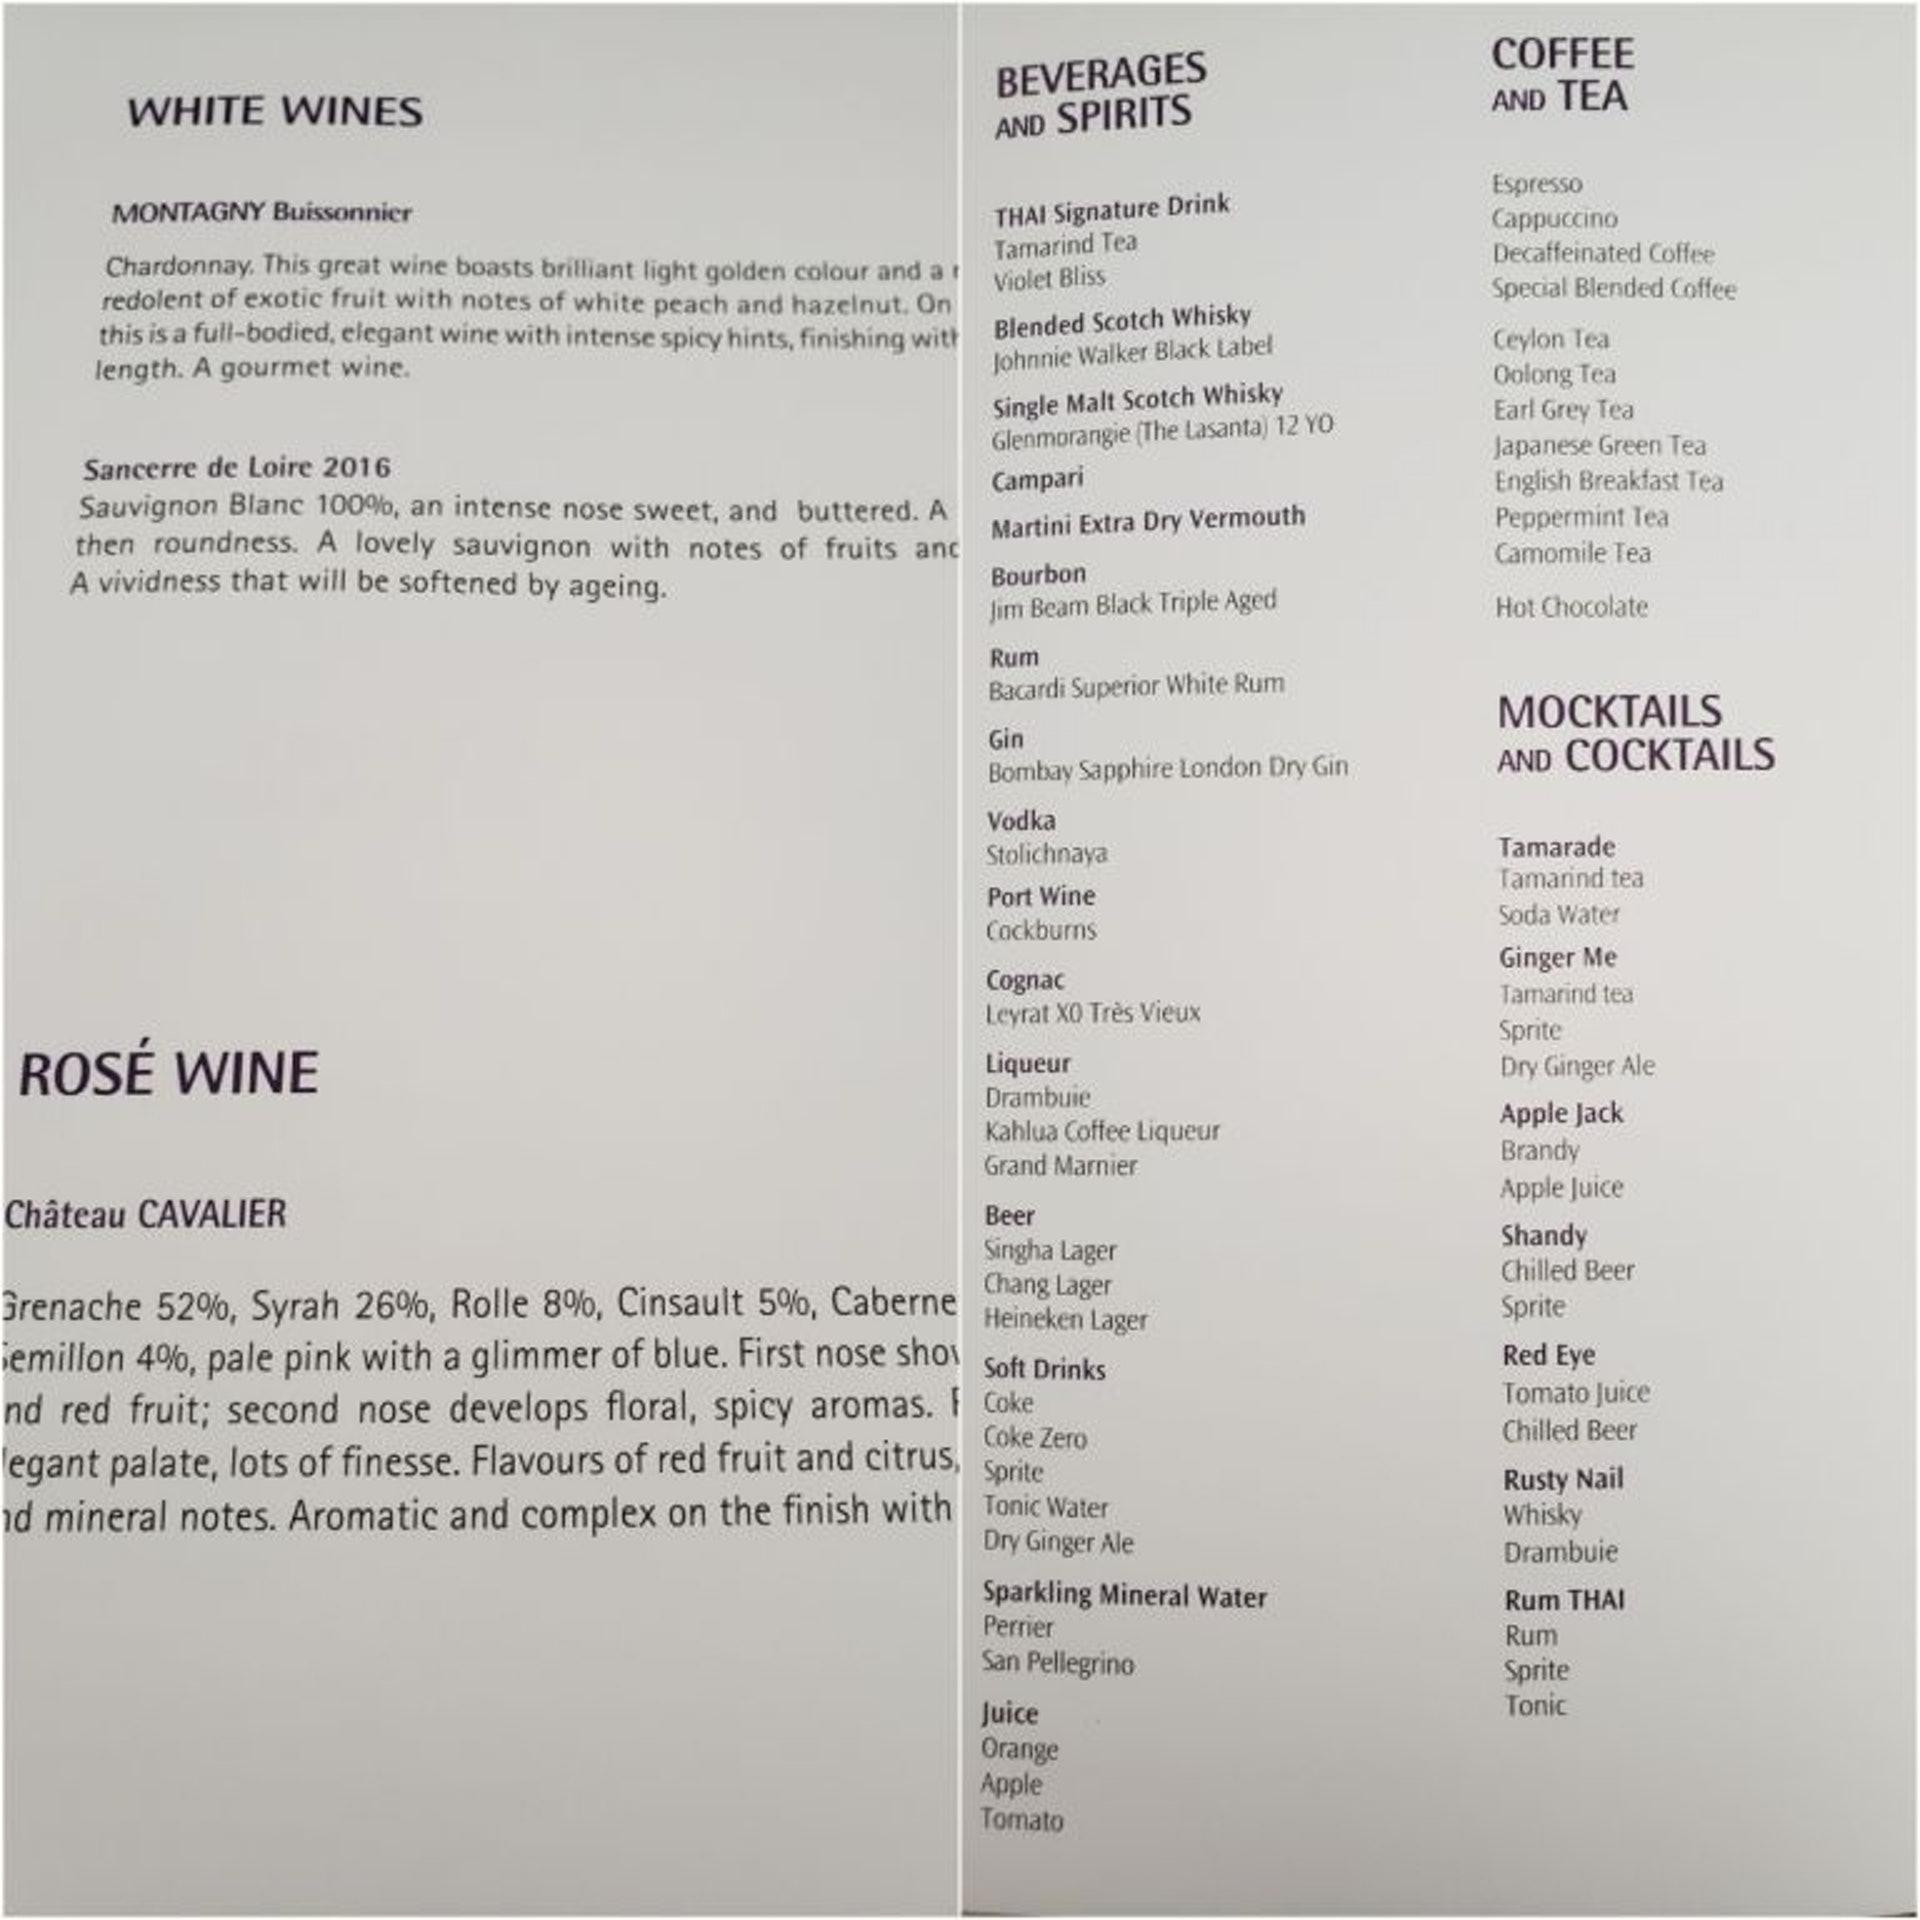 白酒/玫瑰香檳酒的選擇(左圖),與其他飲料的選擇(右圖)(TripPlus授權使用)